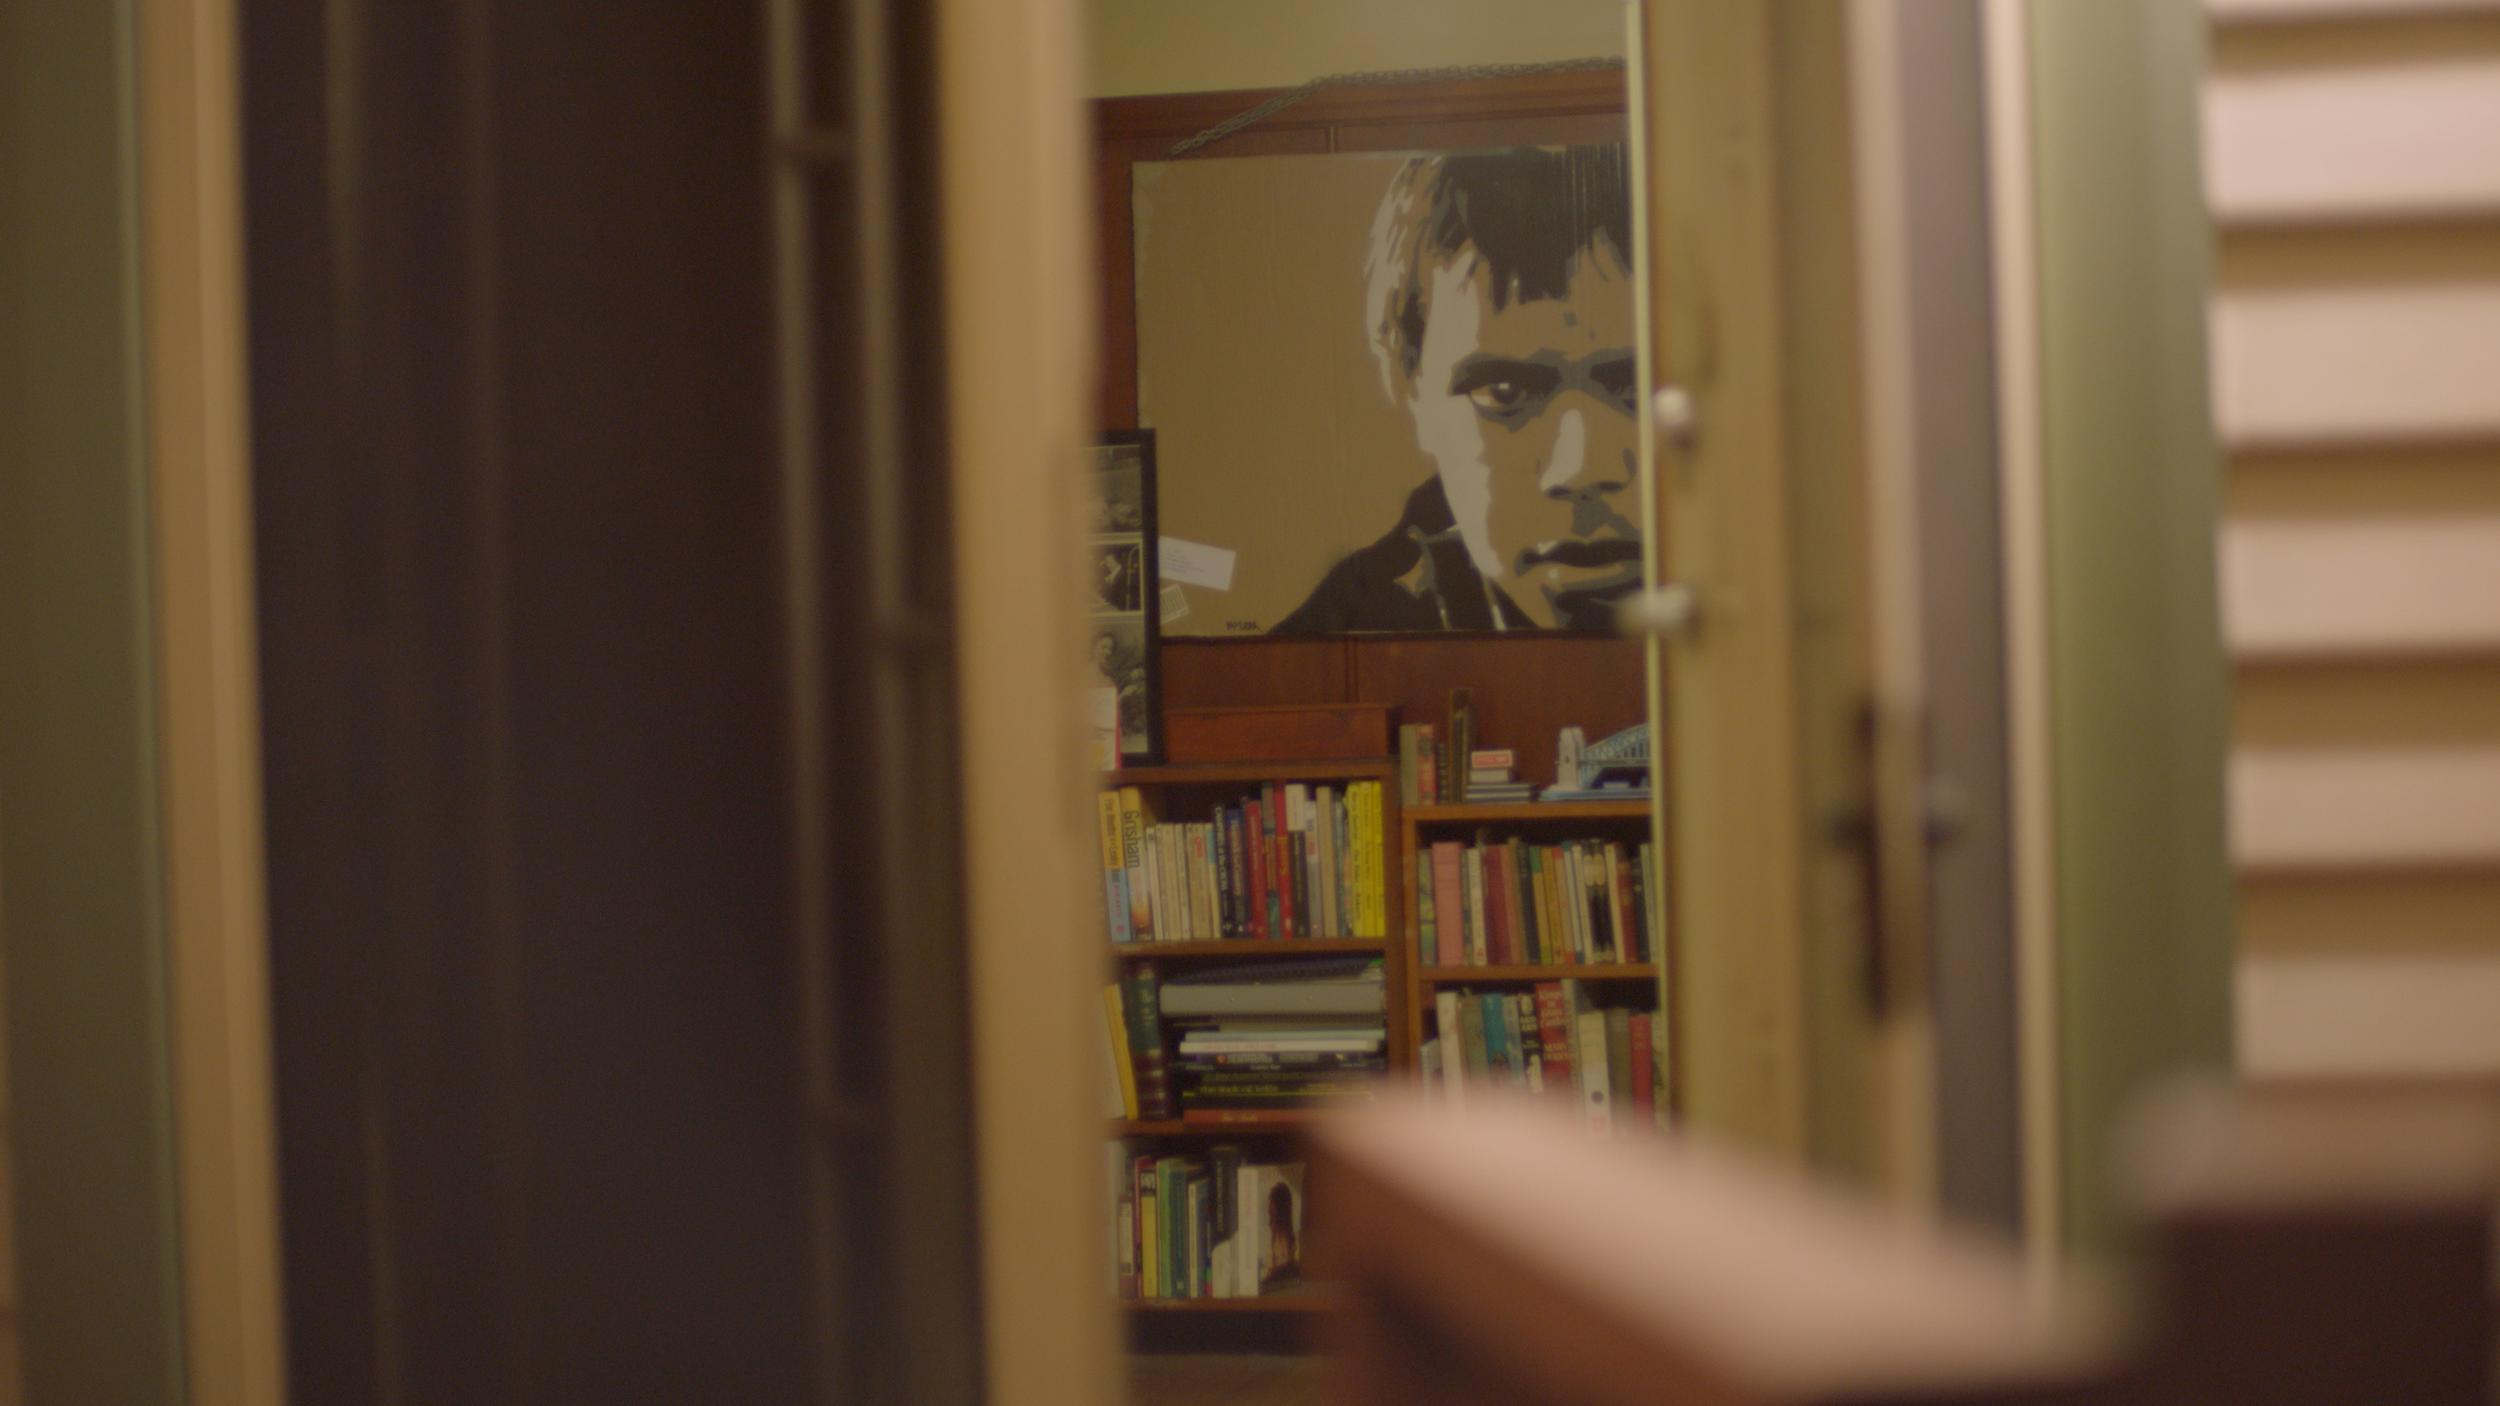 Inside Richard's house